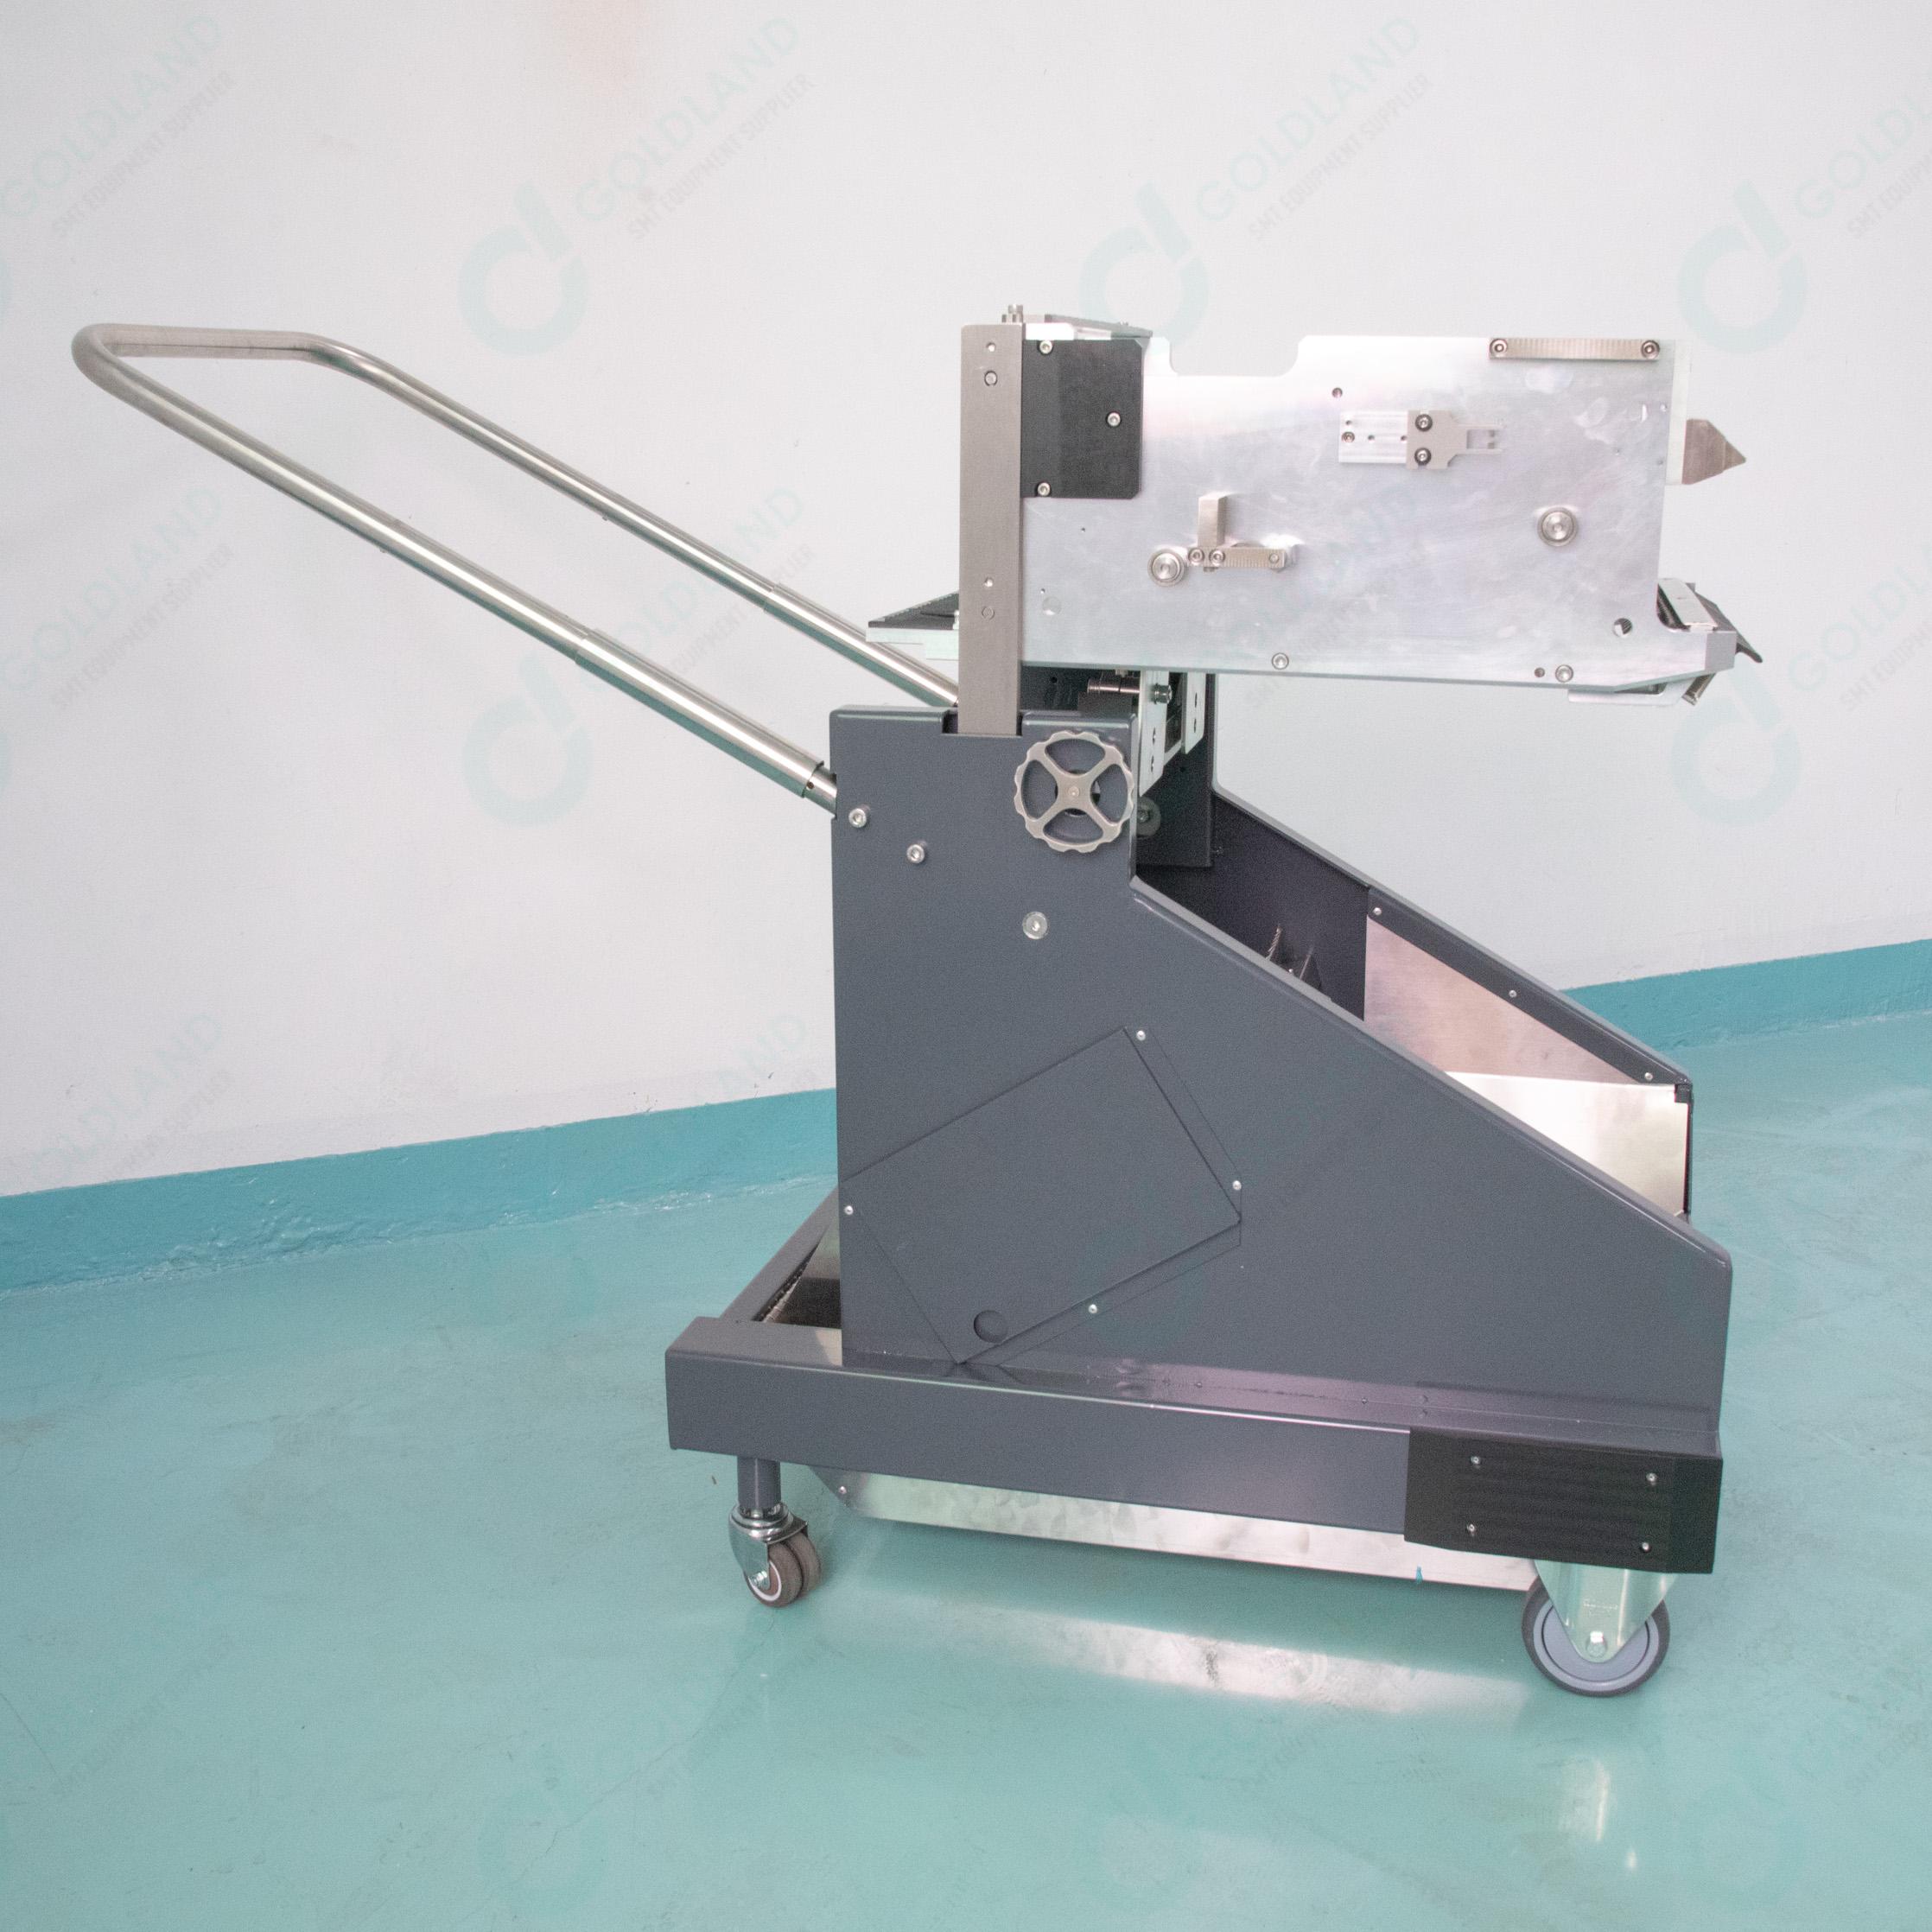 00519722-99 ASM SIEMENS SIPLACE 30 FEEDER TROLLEY SIEMENS SMT machine parts